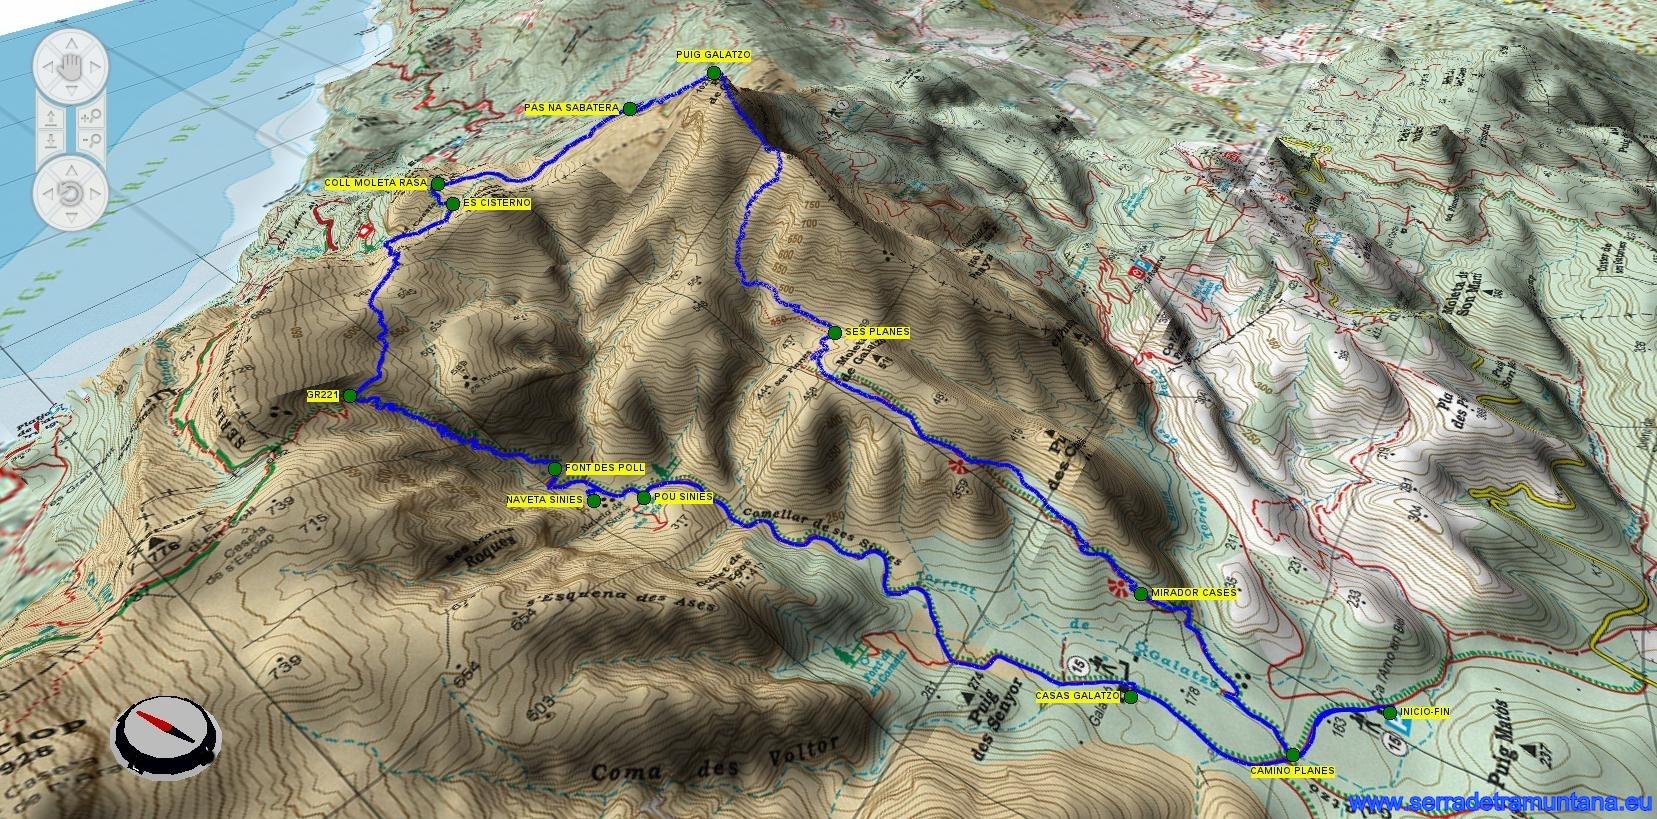 Mapa de la ruta en 3D